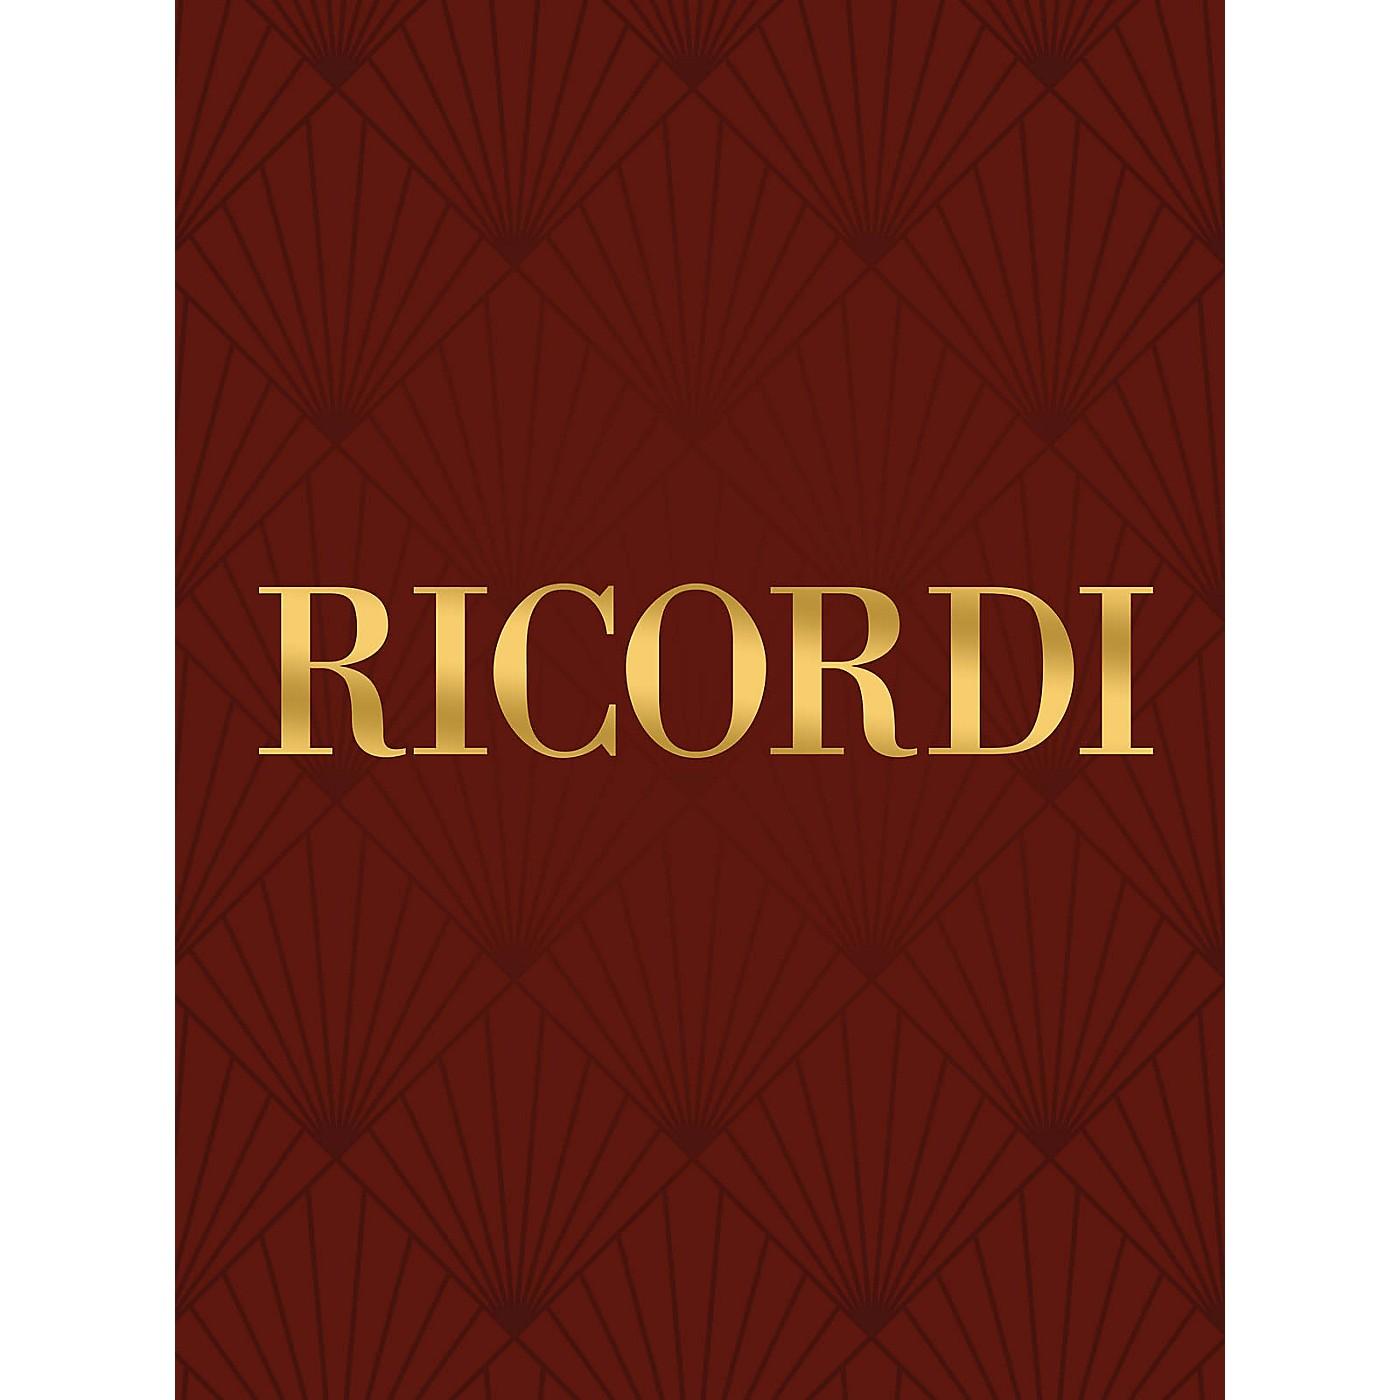 Ricordi Ballades (Piano Solo) Piano Collection Series Composed by Frederic Chopin Edited by Attilio Brugnoli thumbnail